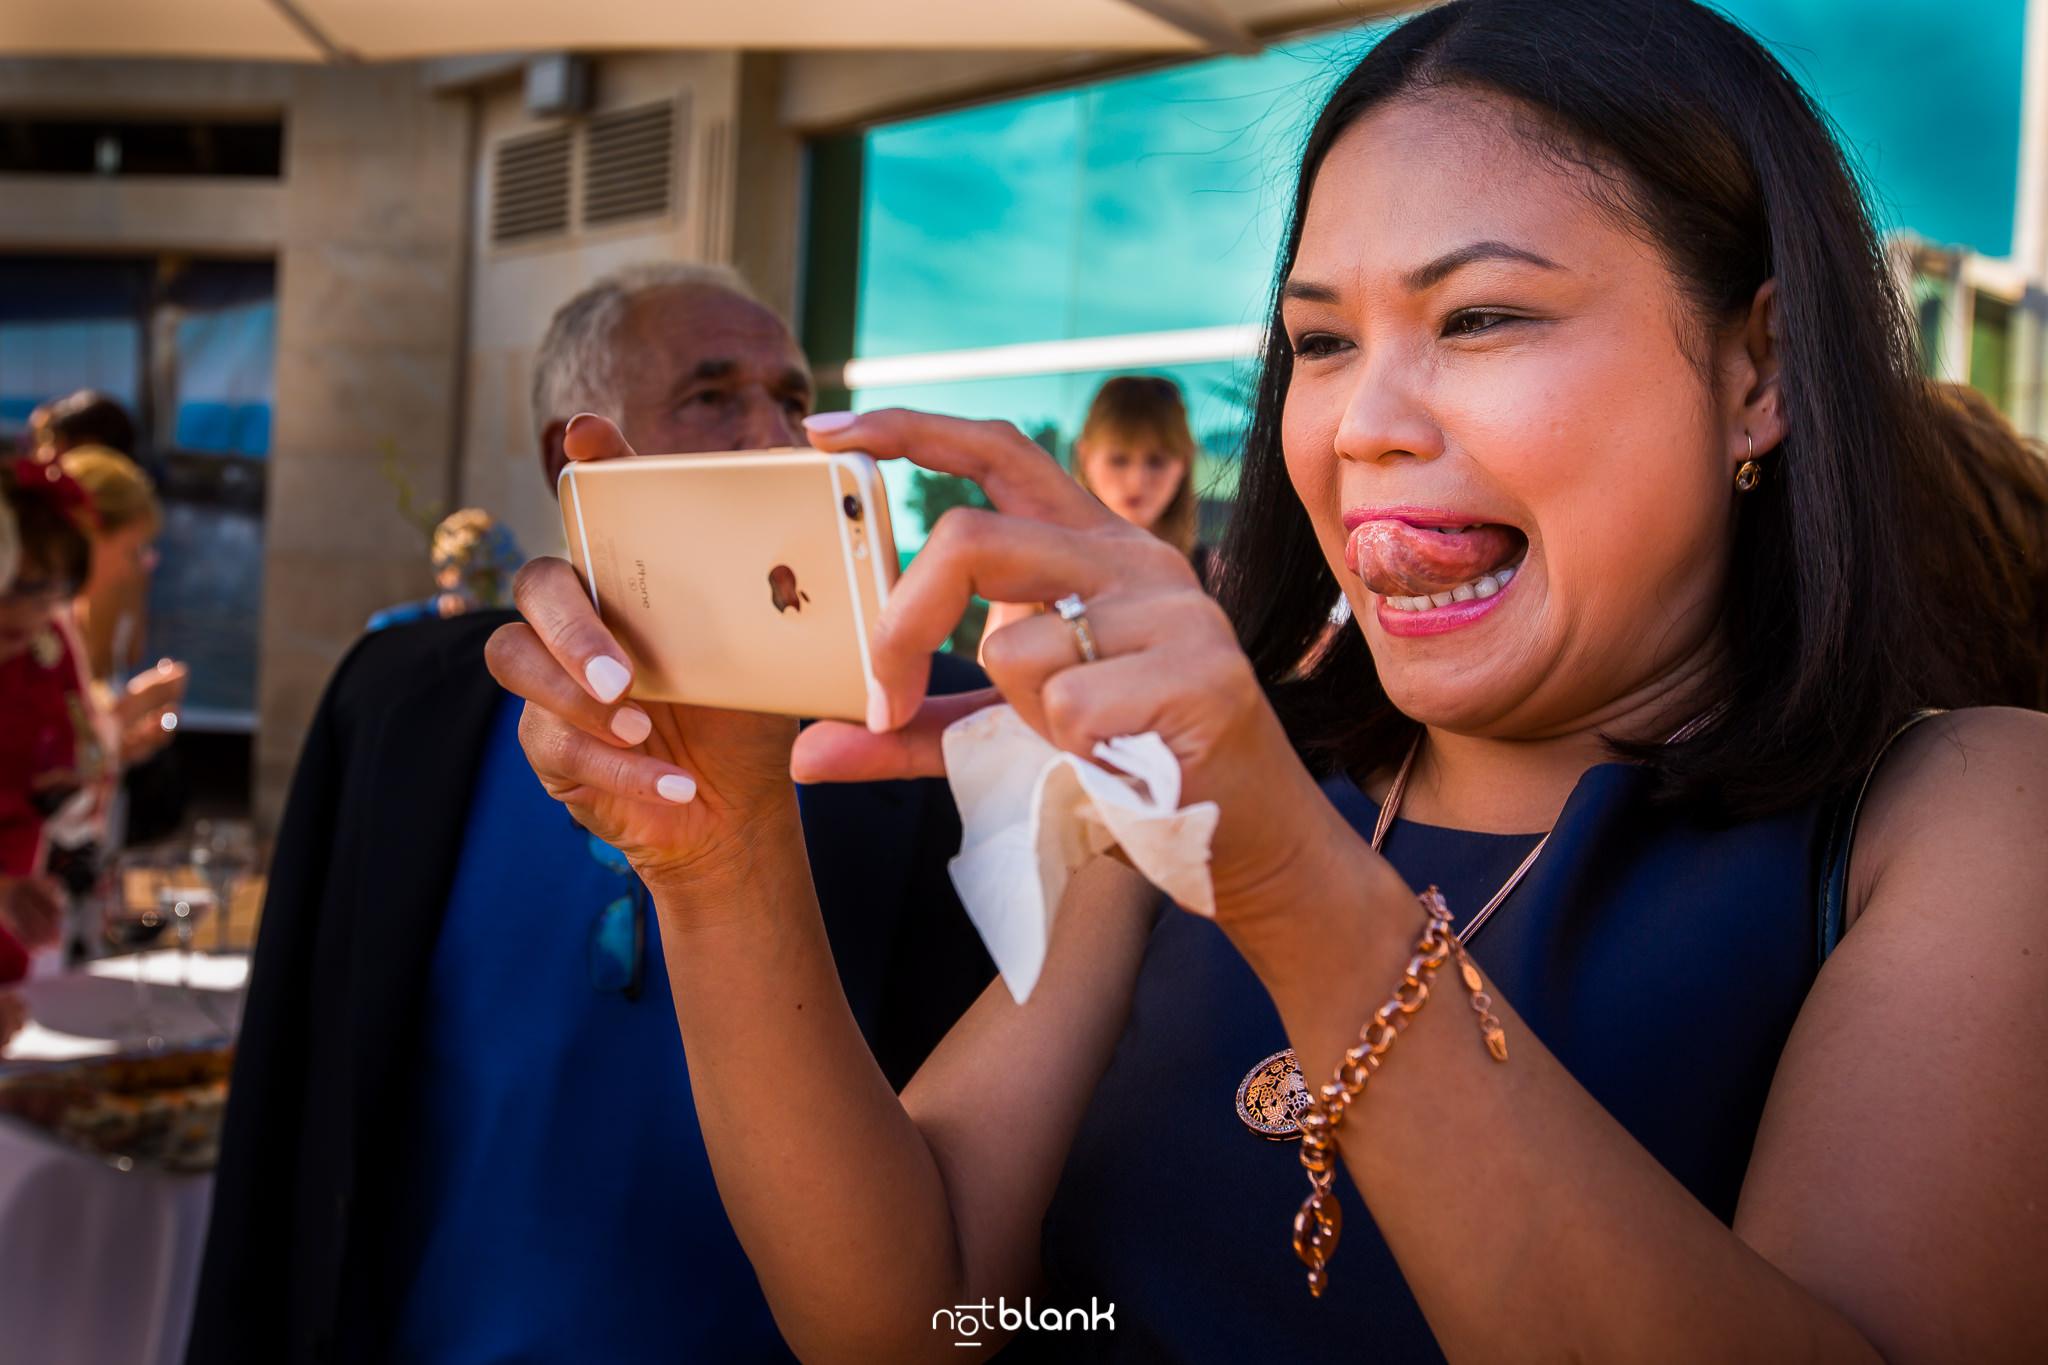 Boda De Destino de Maite David. Una Amiga Saca Foto Con Iphone y la Lengua de Fuera. Reportaje realizado por Notblank Fotografos de boda